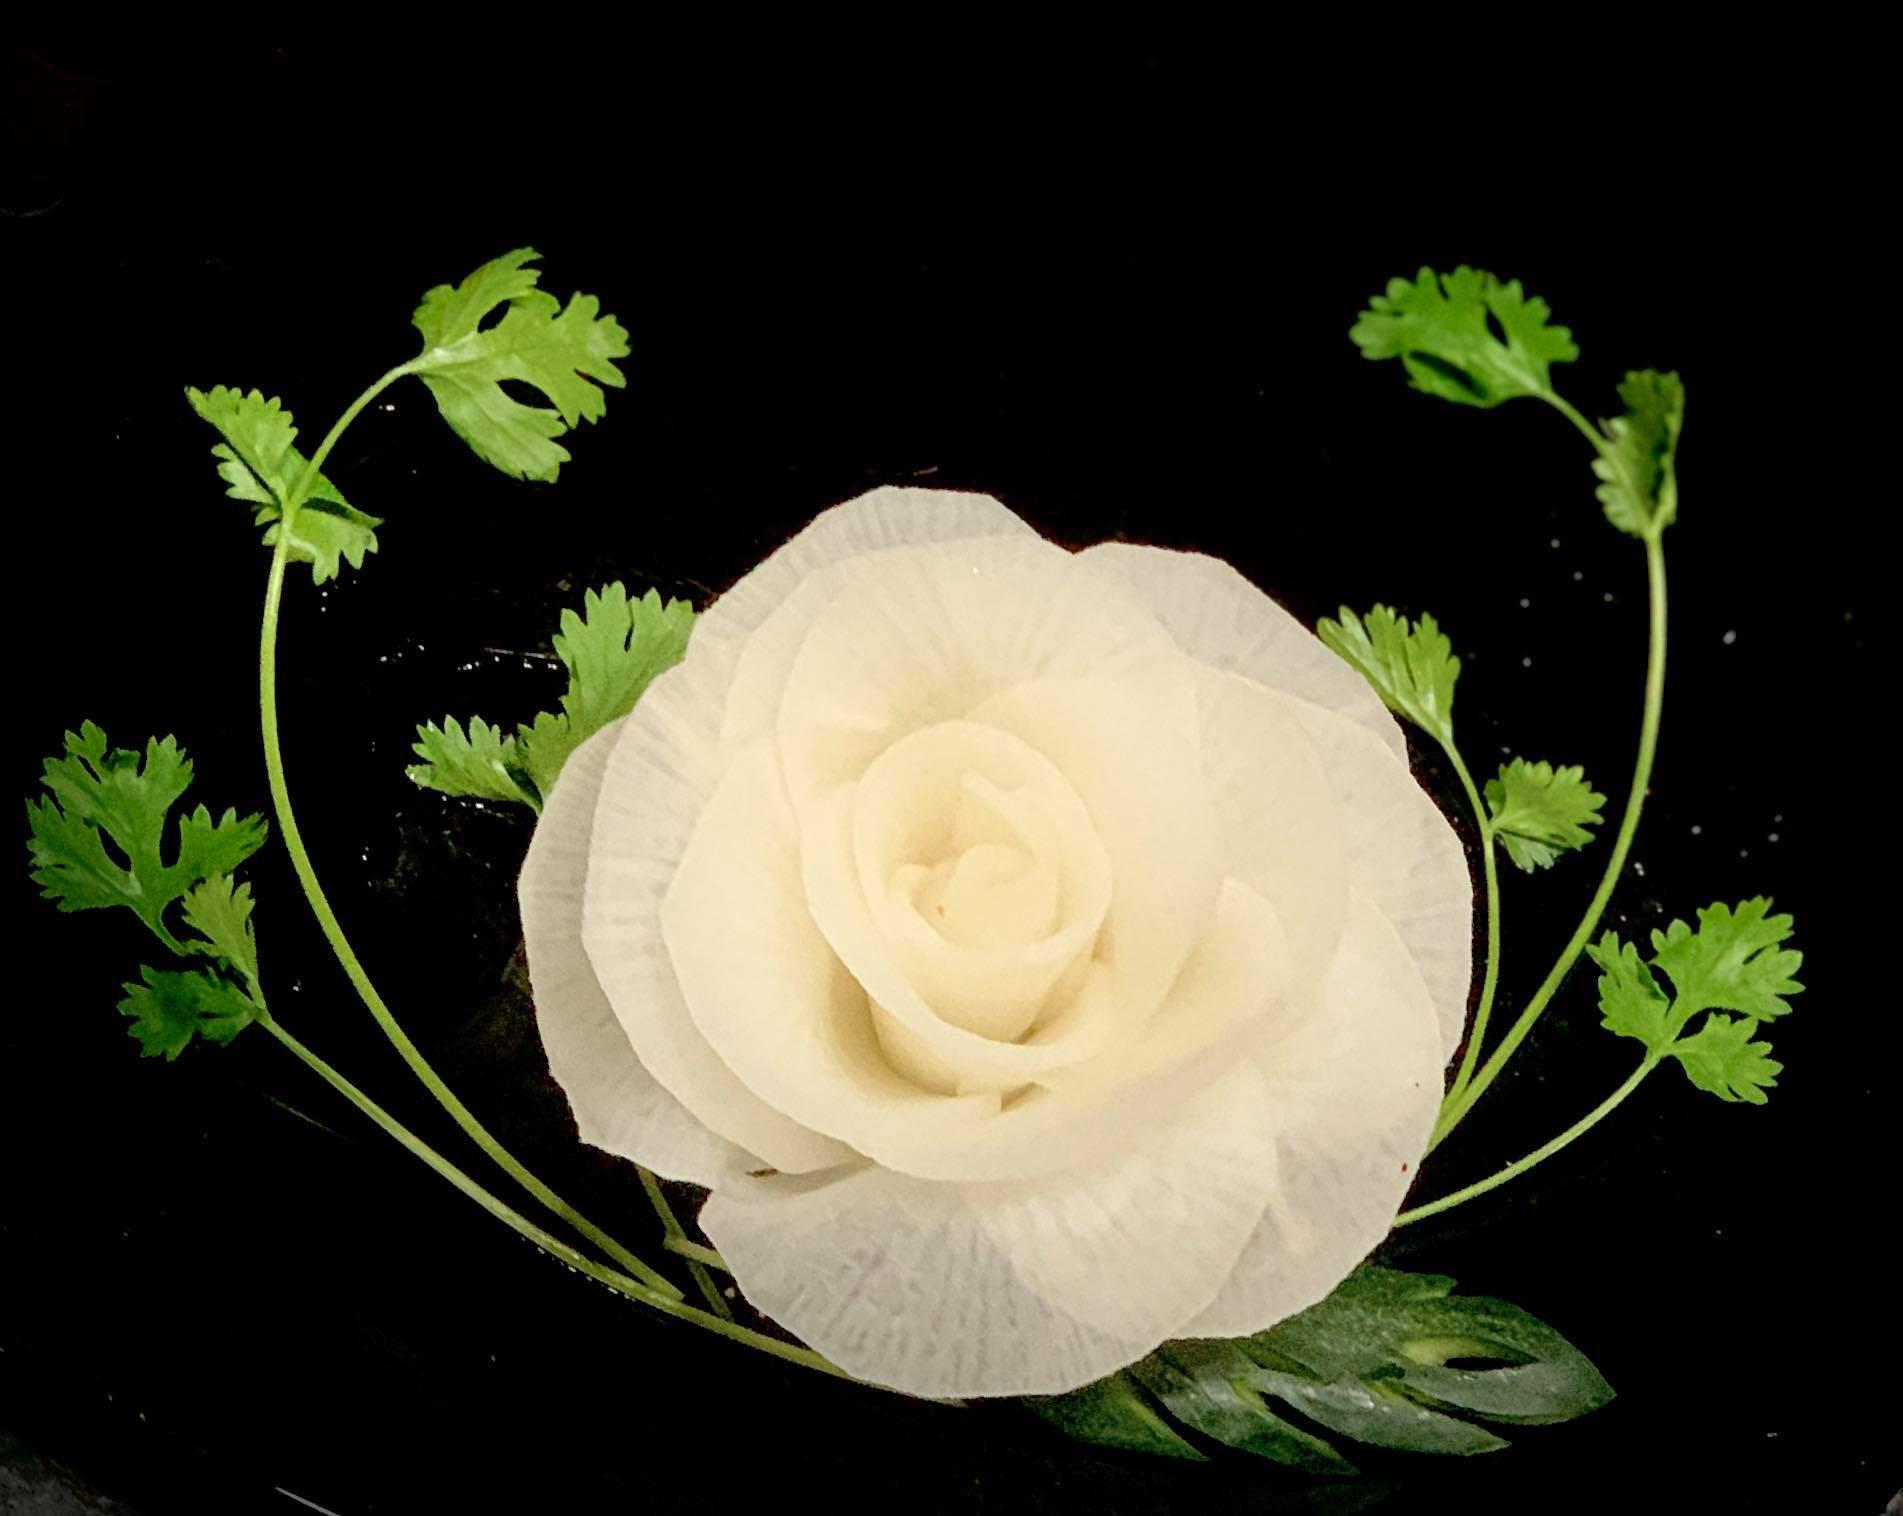 Cách tạo hình hoa hồng đẹp lung linh 'không thể thất bại' dù bạn vụng cỡ nào! - Ảnh 7